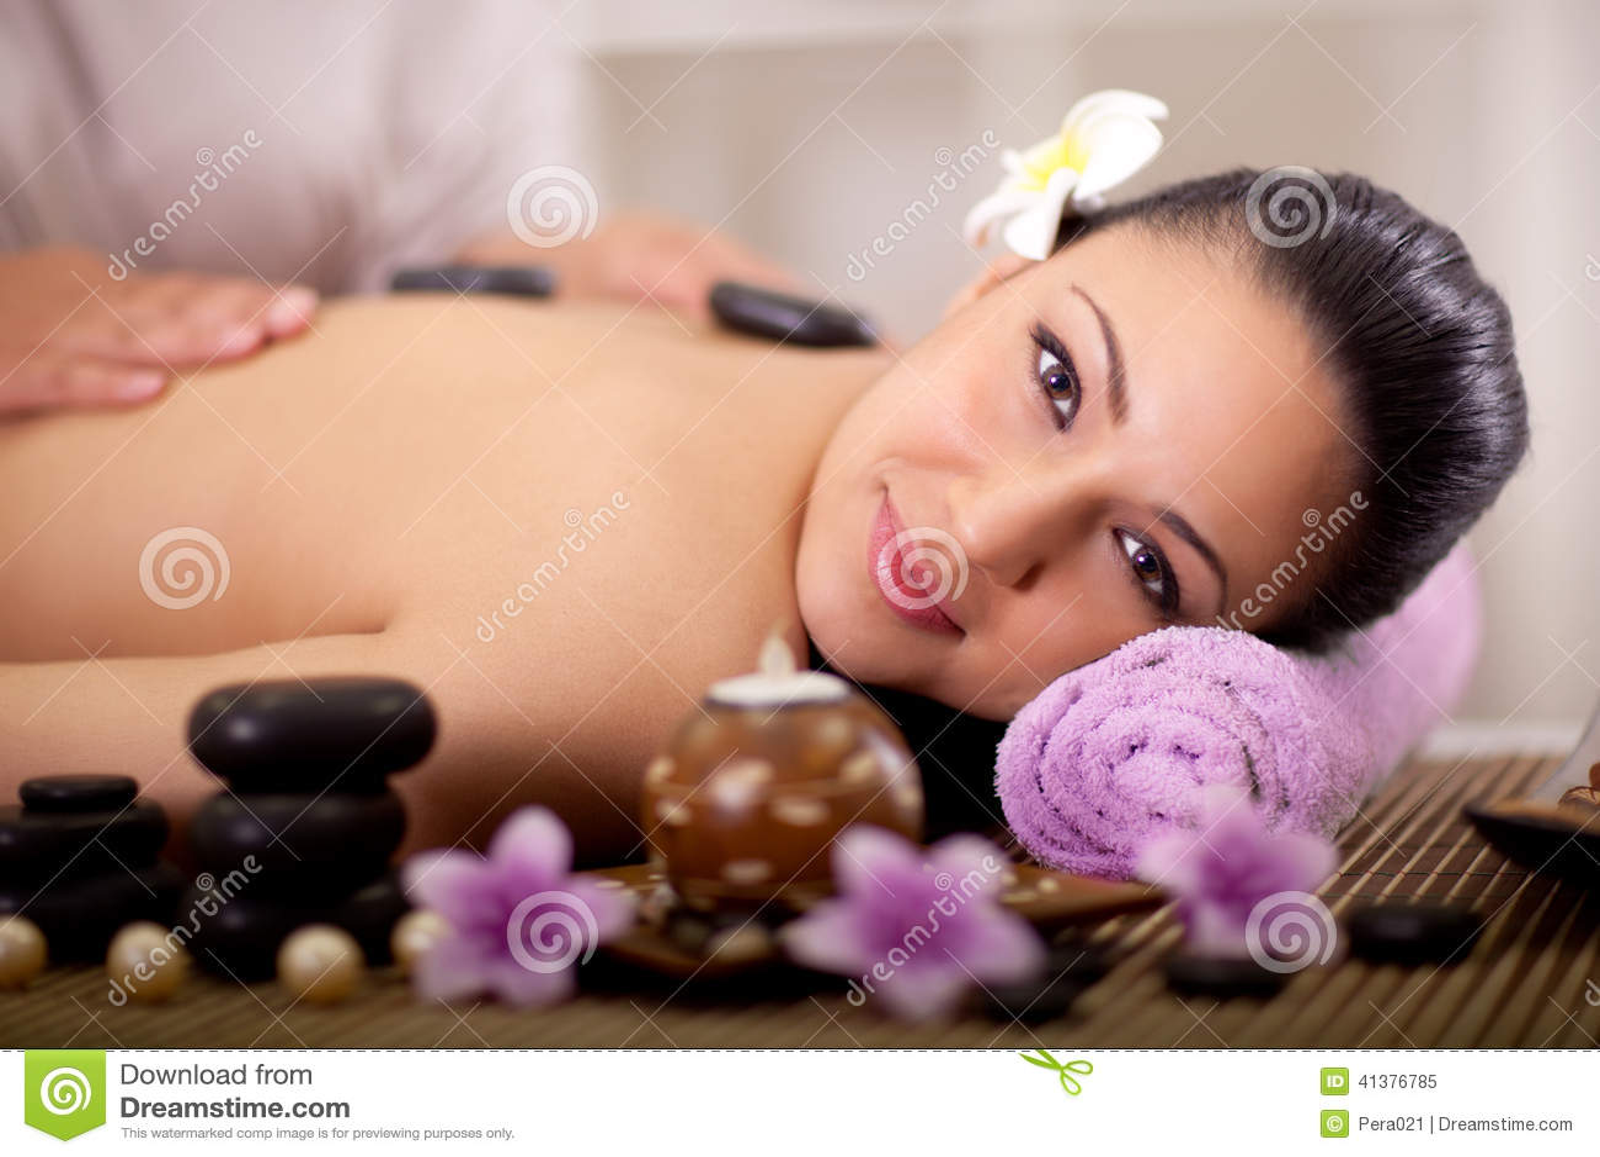 Piękna kobieta ma wellness masaż z powrotem